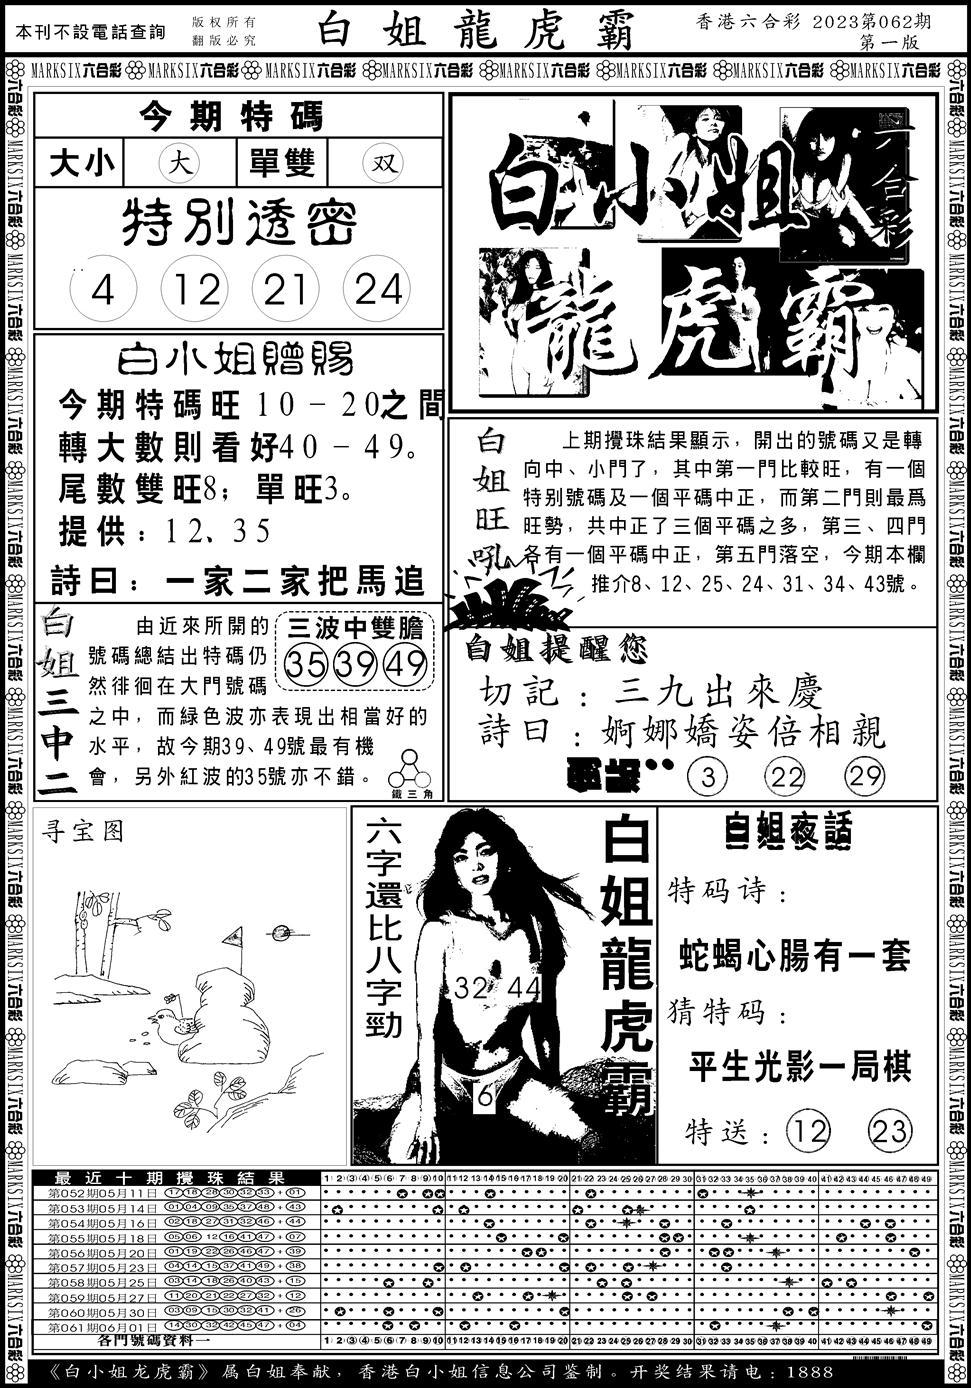 062期白小姐龙虎斗A(黑白)